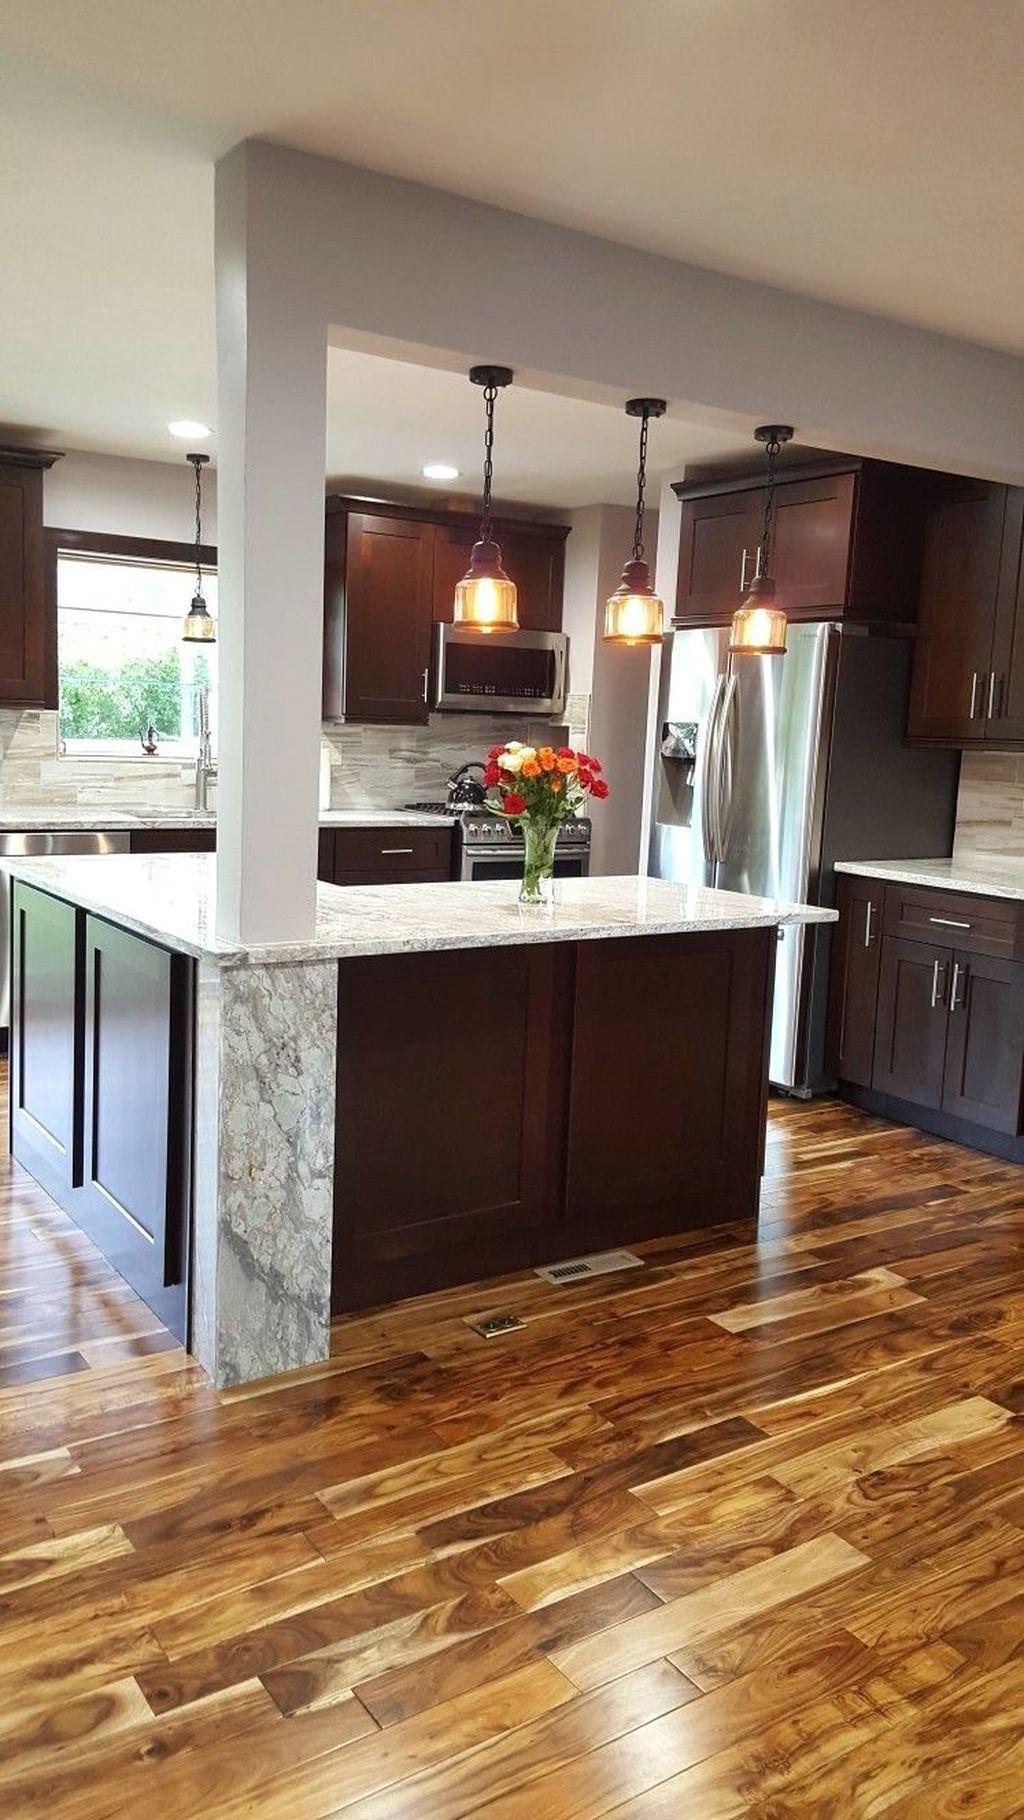 Small Kitchen Design 10x10: 30+ Unique Small Kitchen Design Ideas For Your Apartment